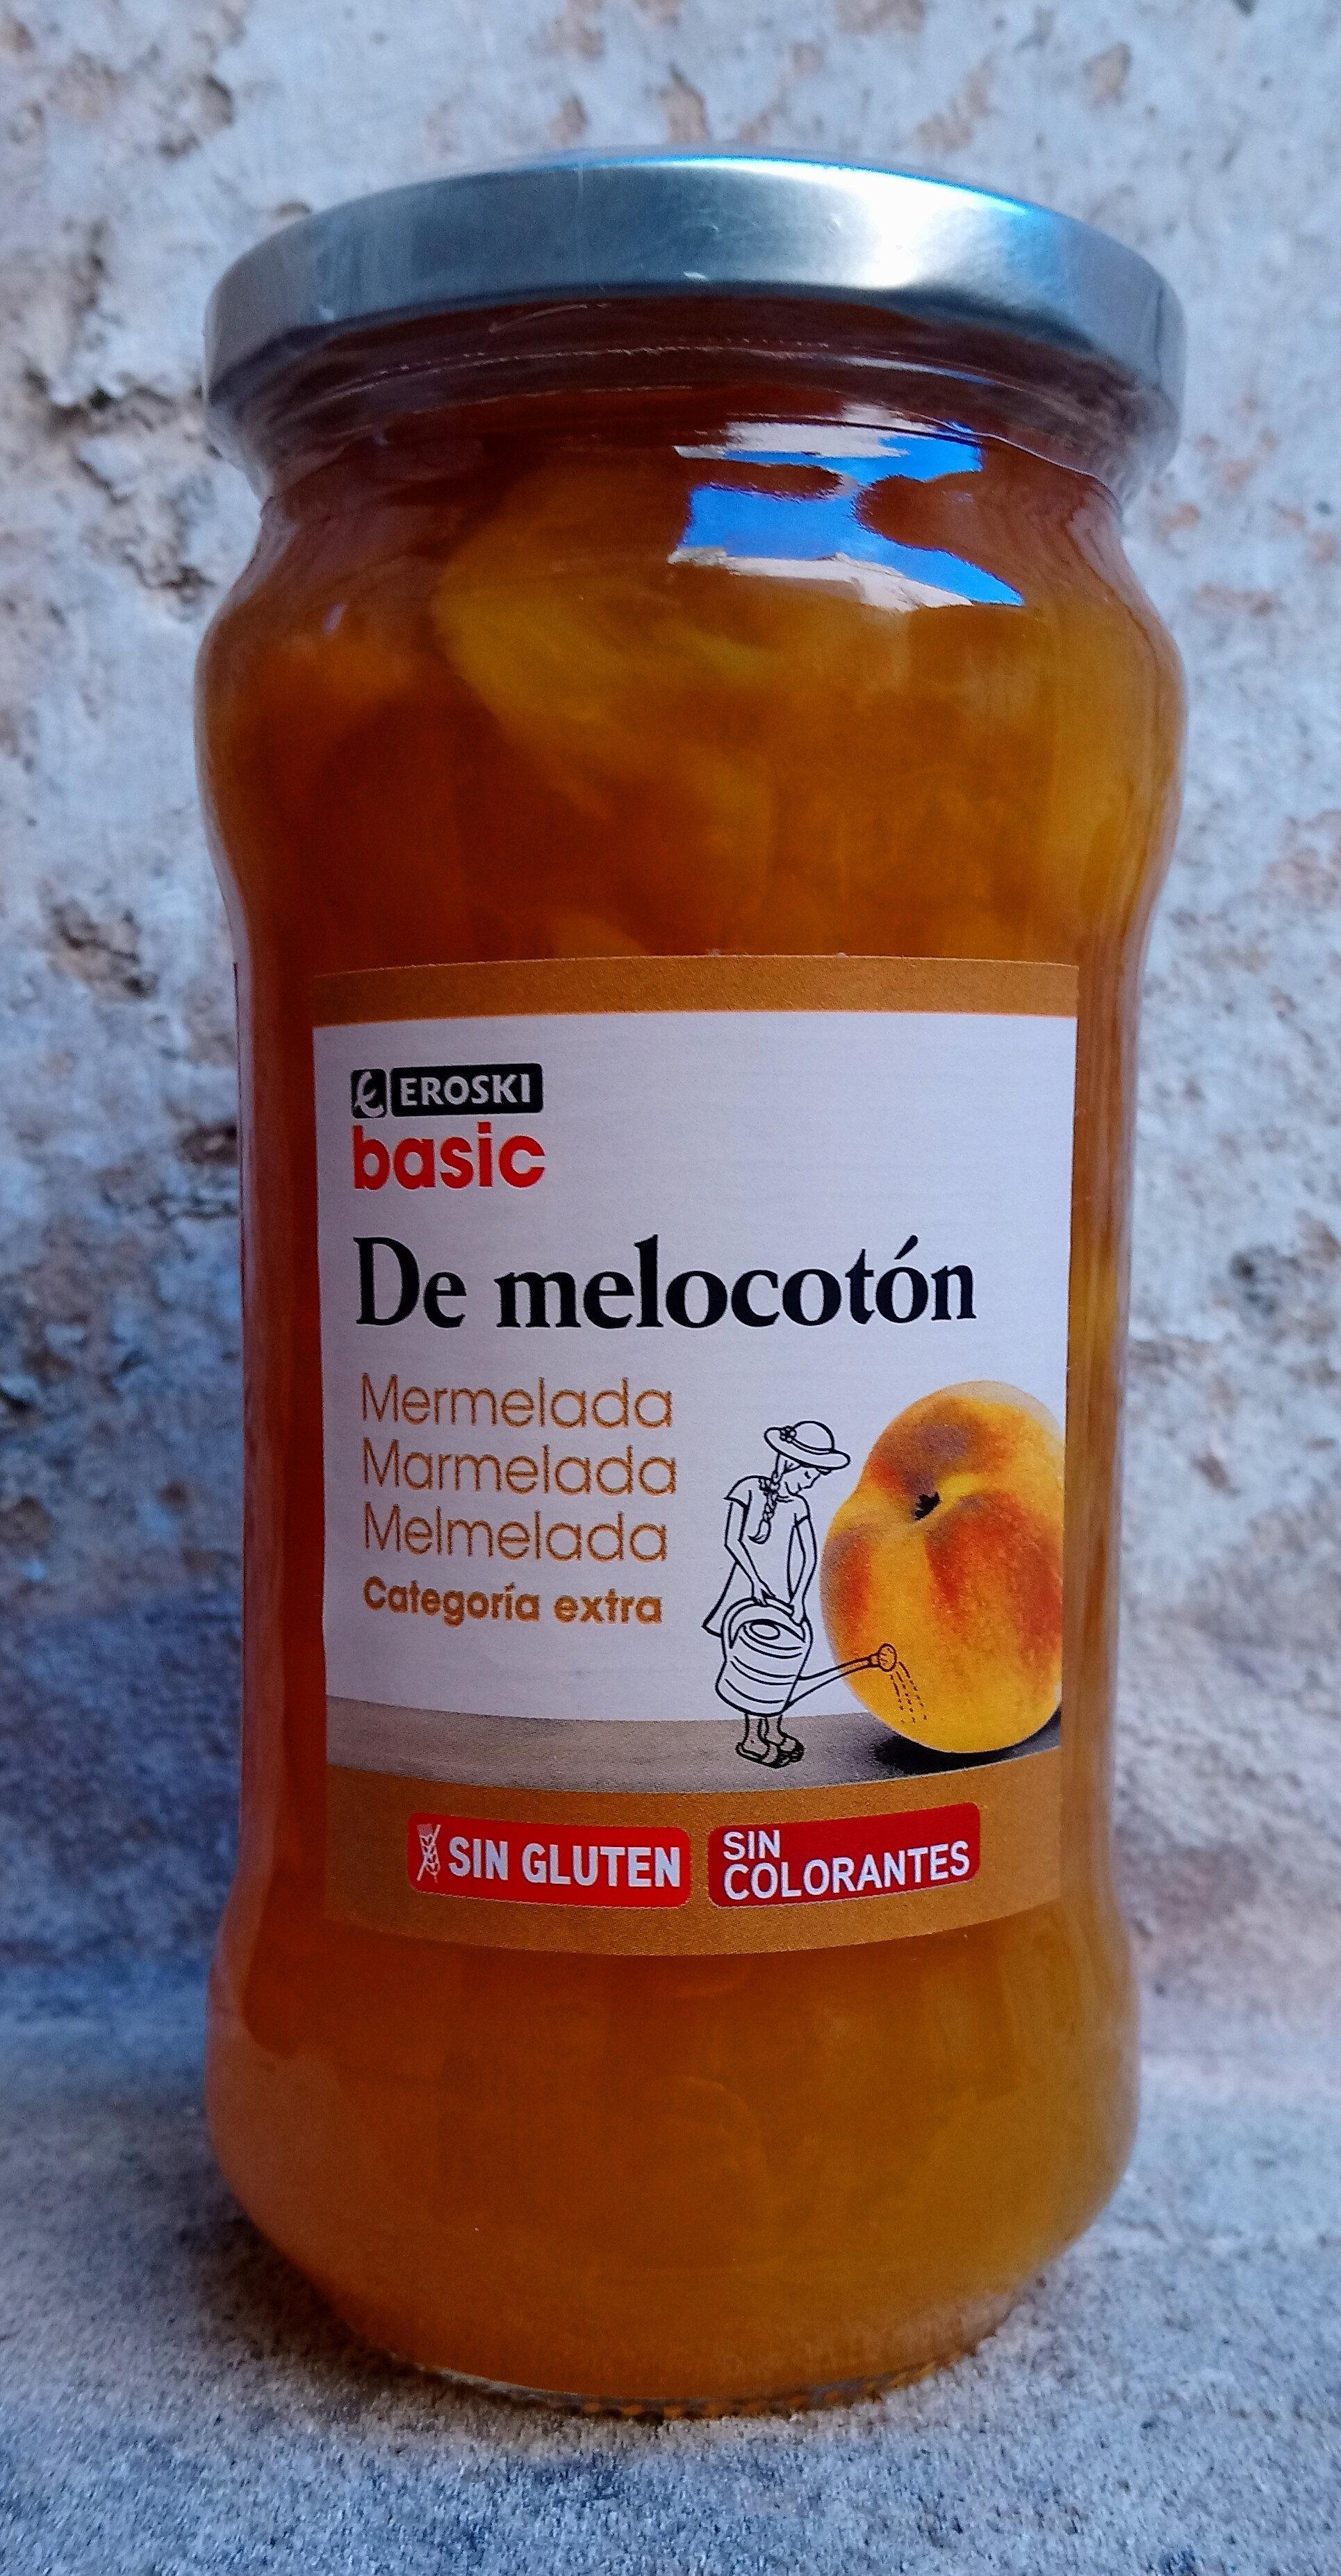 Ermelada de melocotón - Producto - es